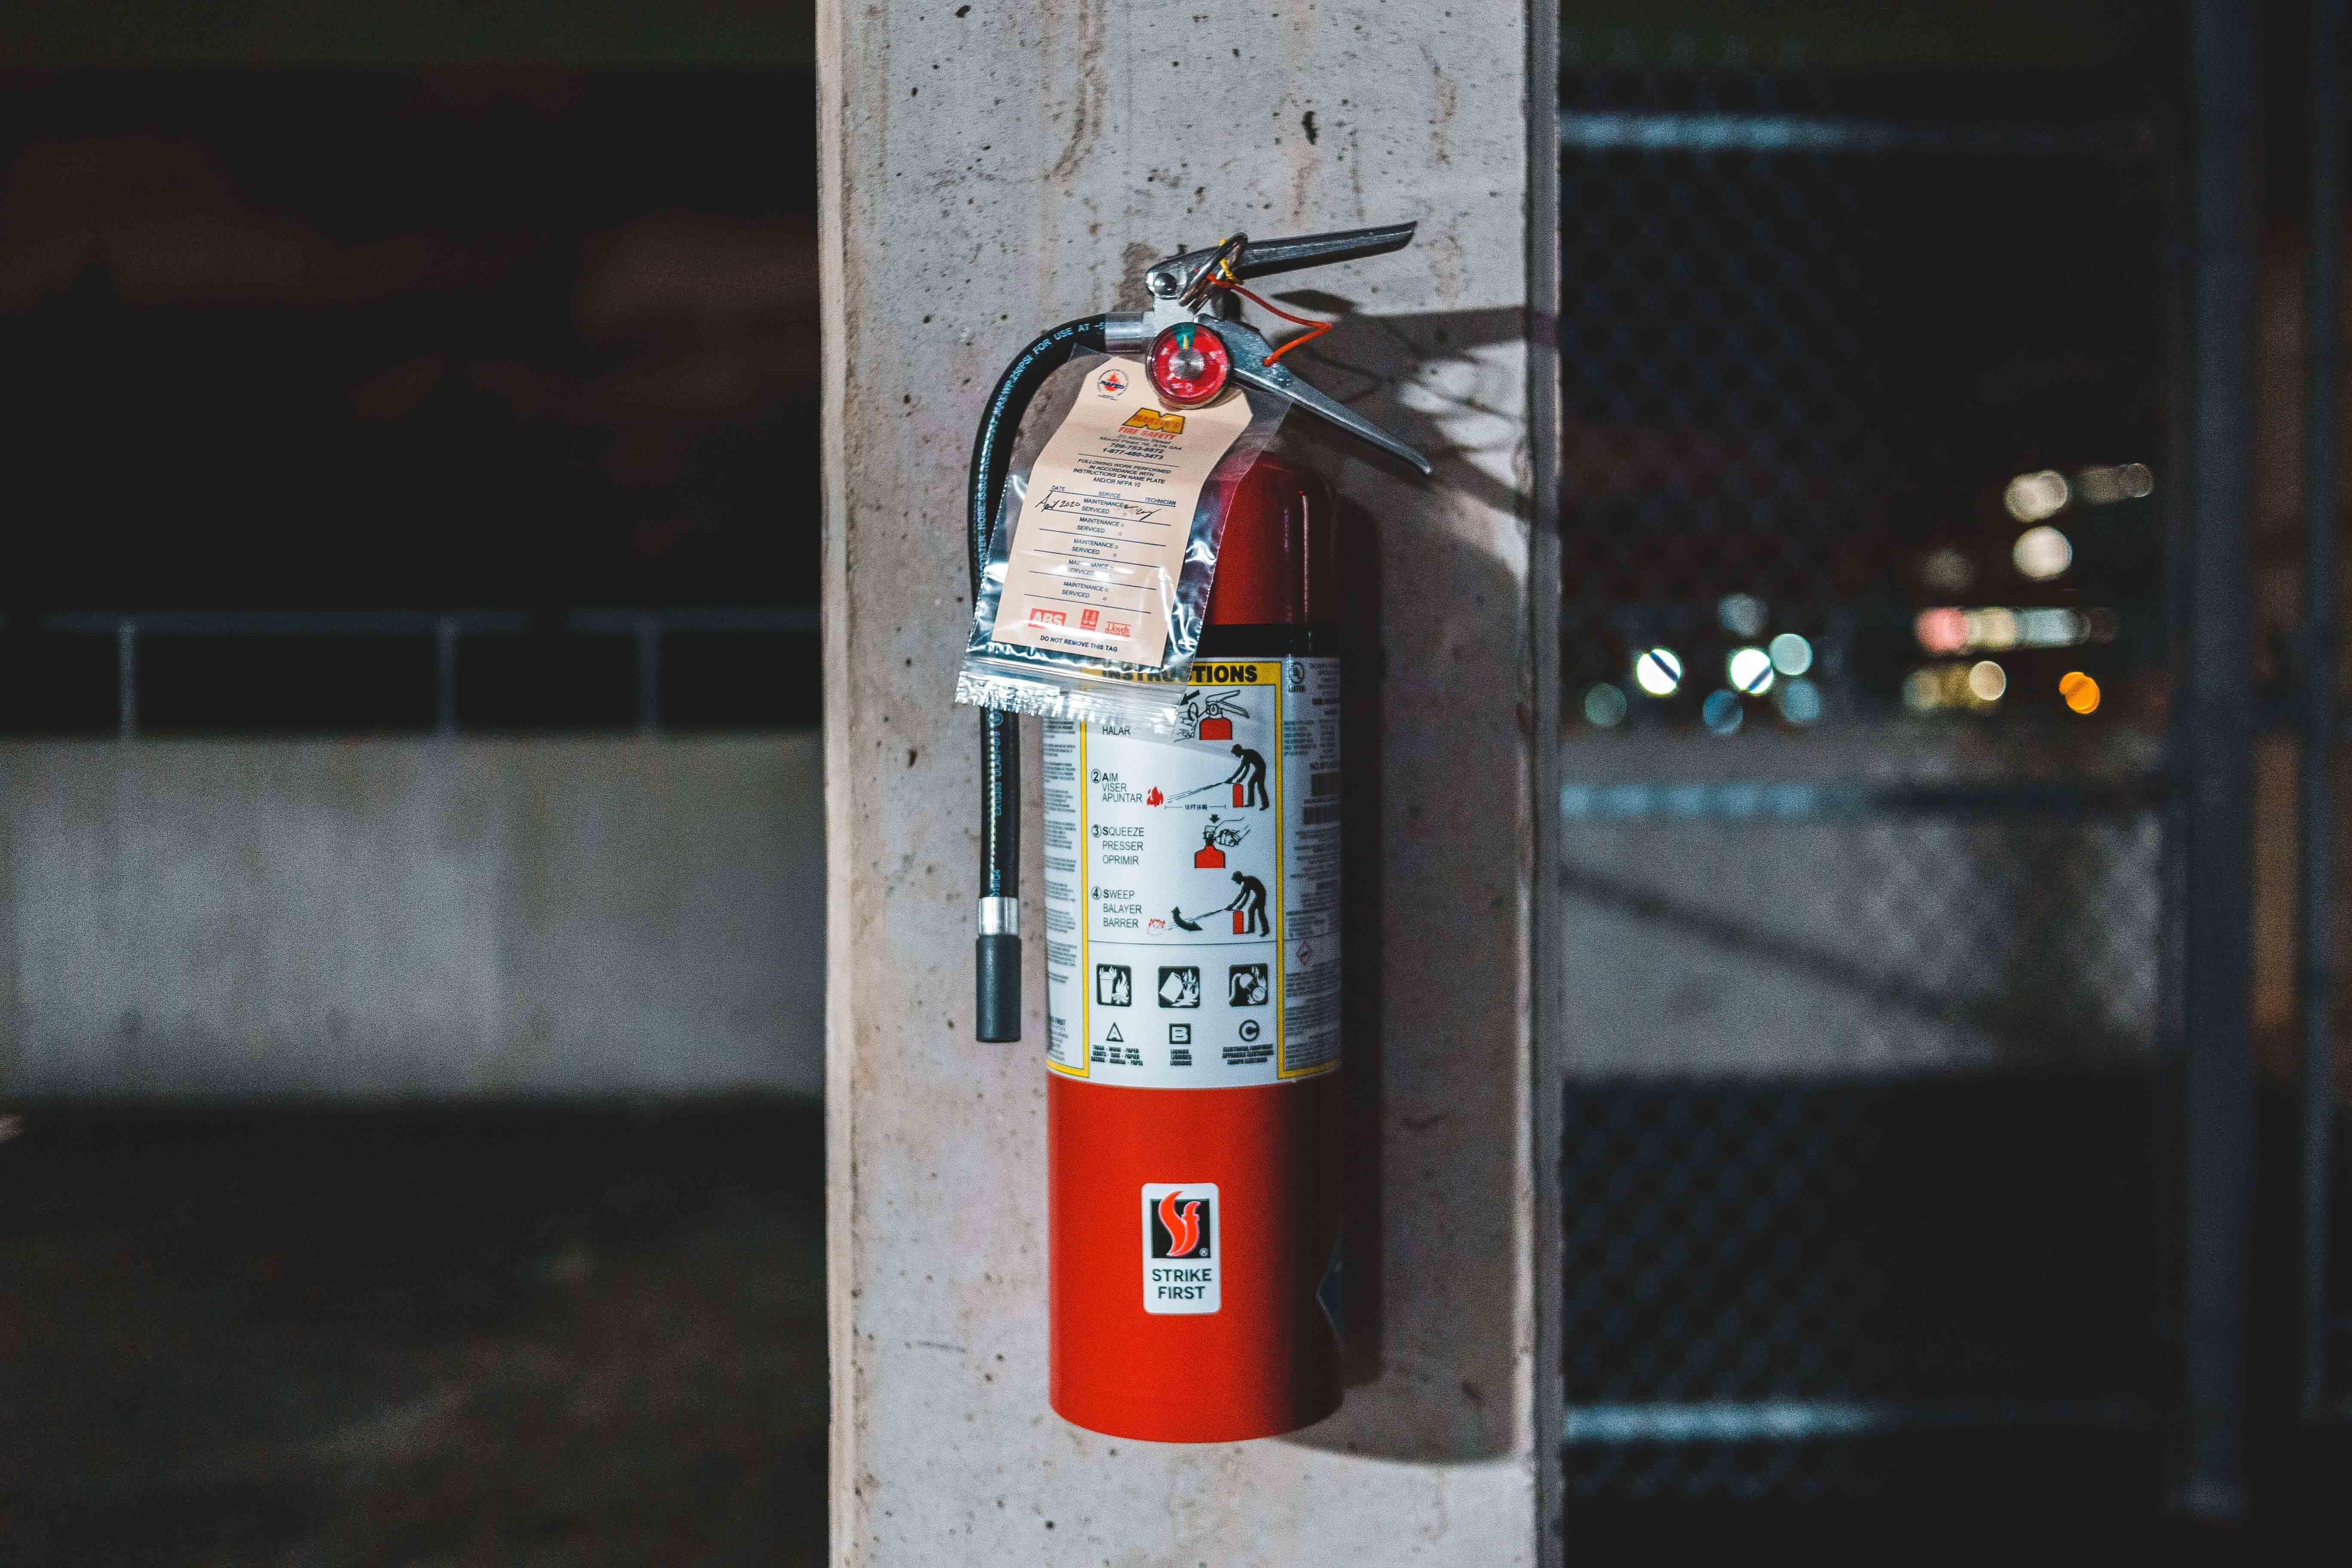 ¿Dónde recargar y dar mantenimiento a extintores?